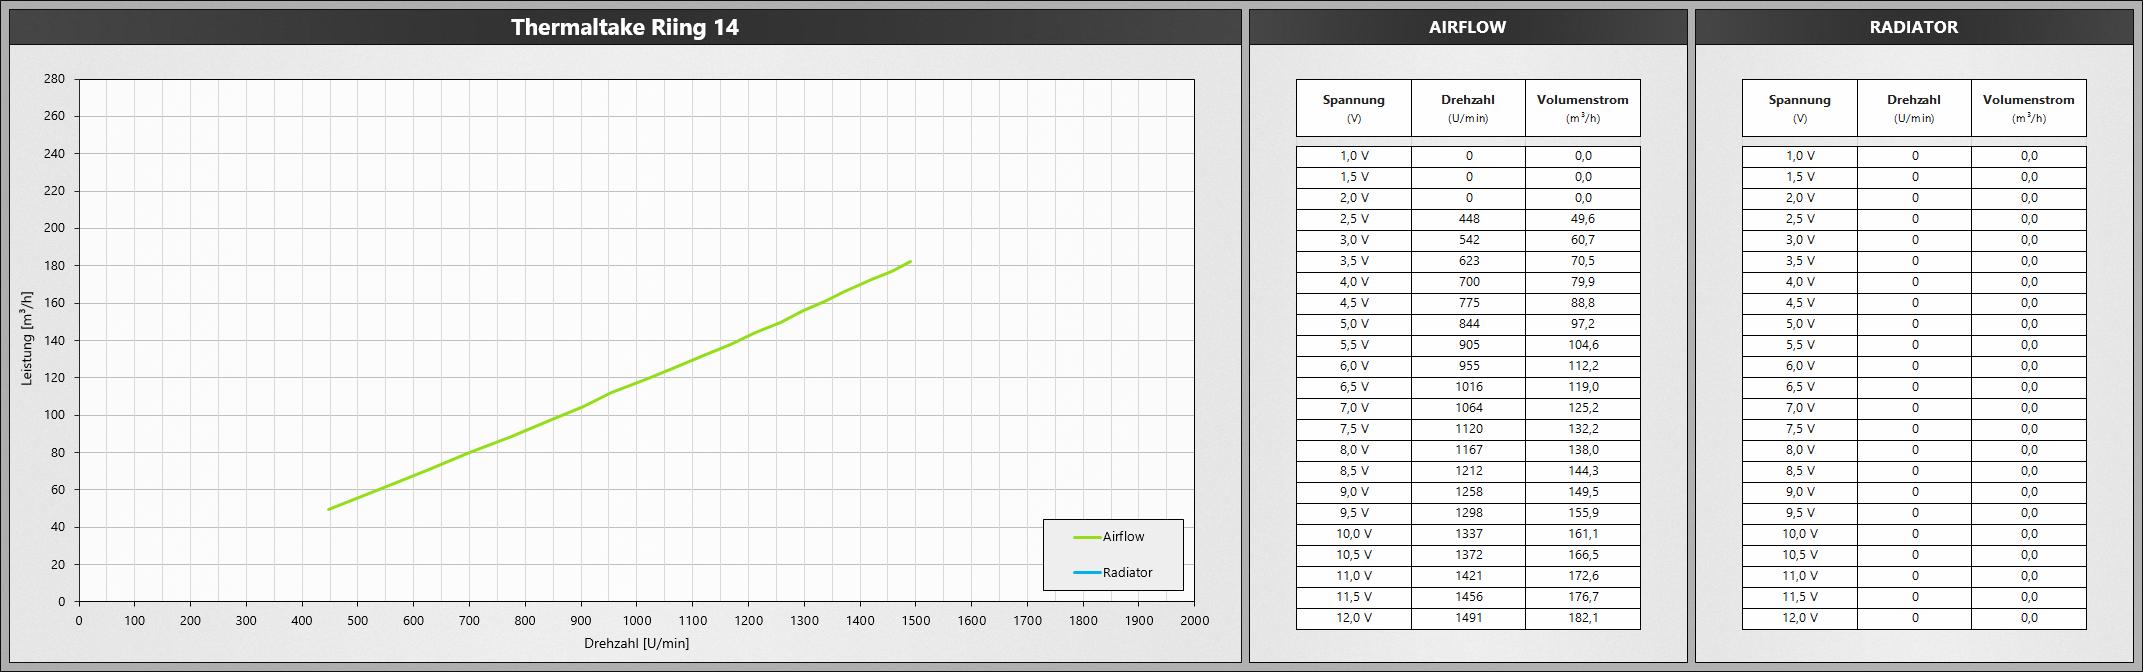 Klicken Sie auf die Grafik für eine größere Ansicht  Name:ThermaltakeRiing.png Hits:646 Größe:467,7 KB ID:1074791